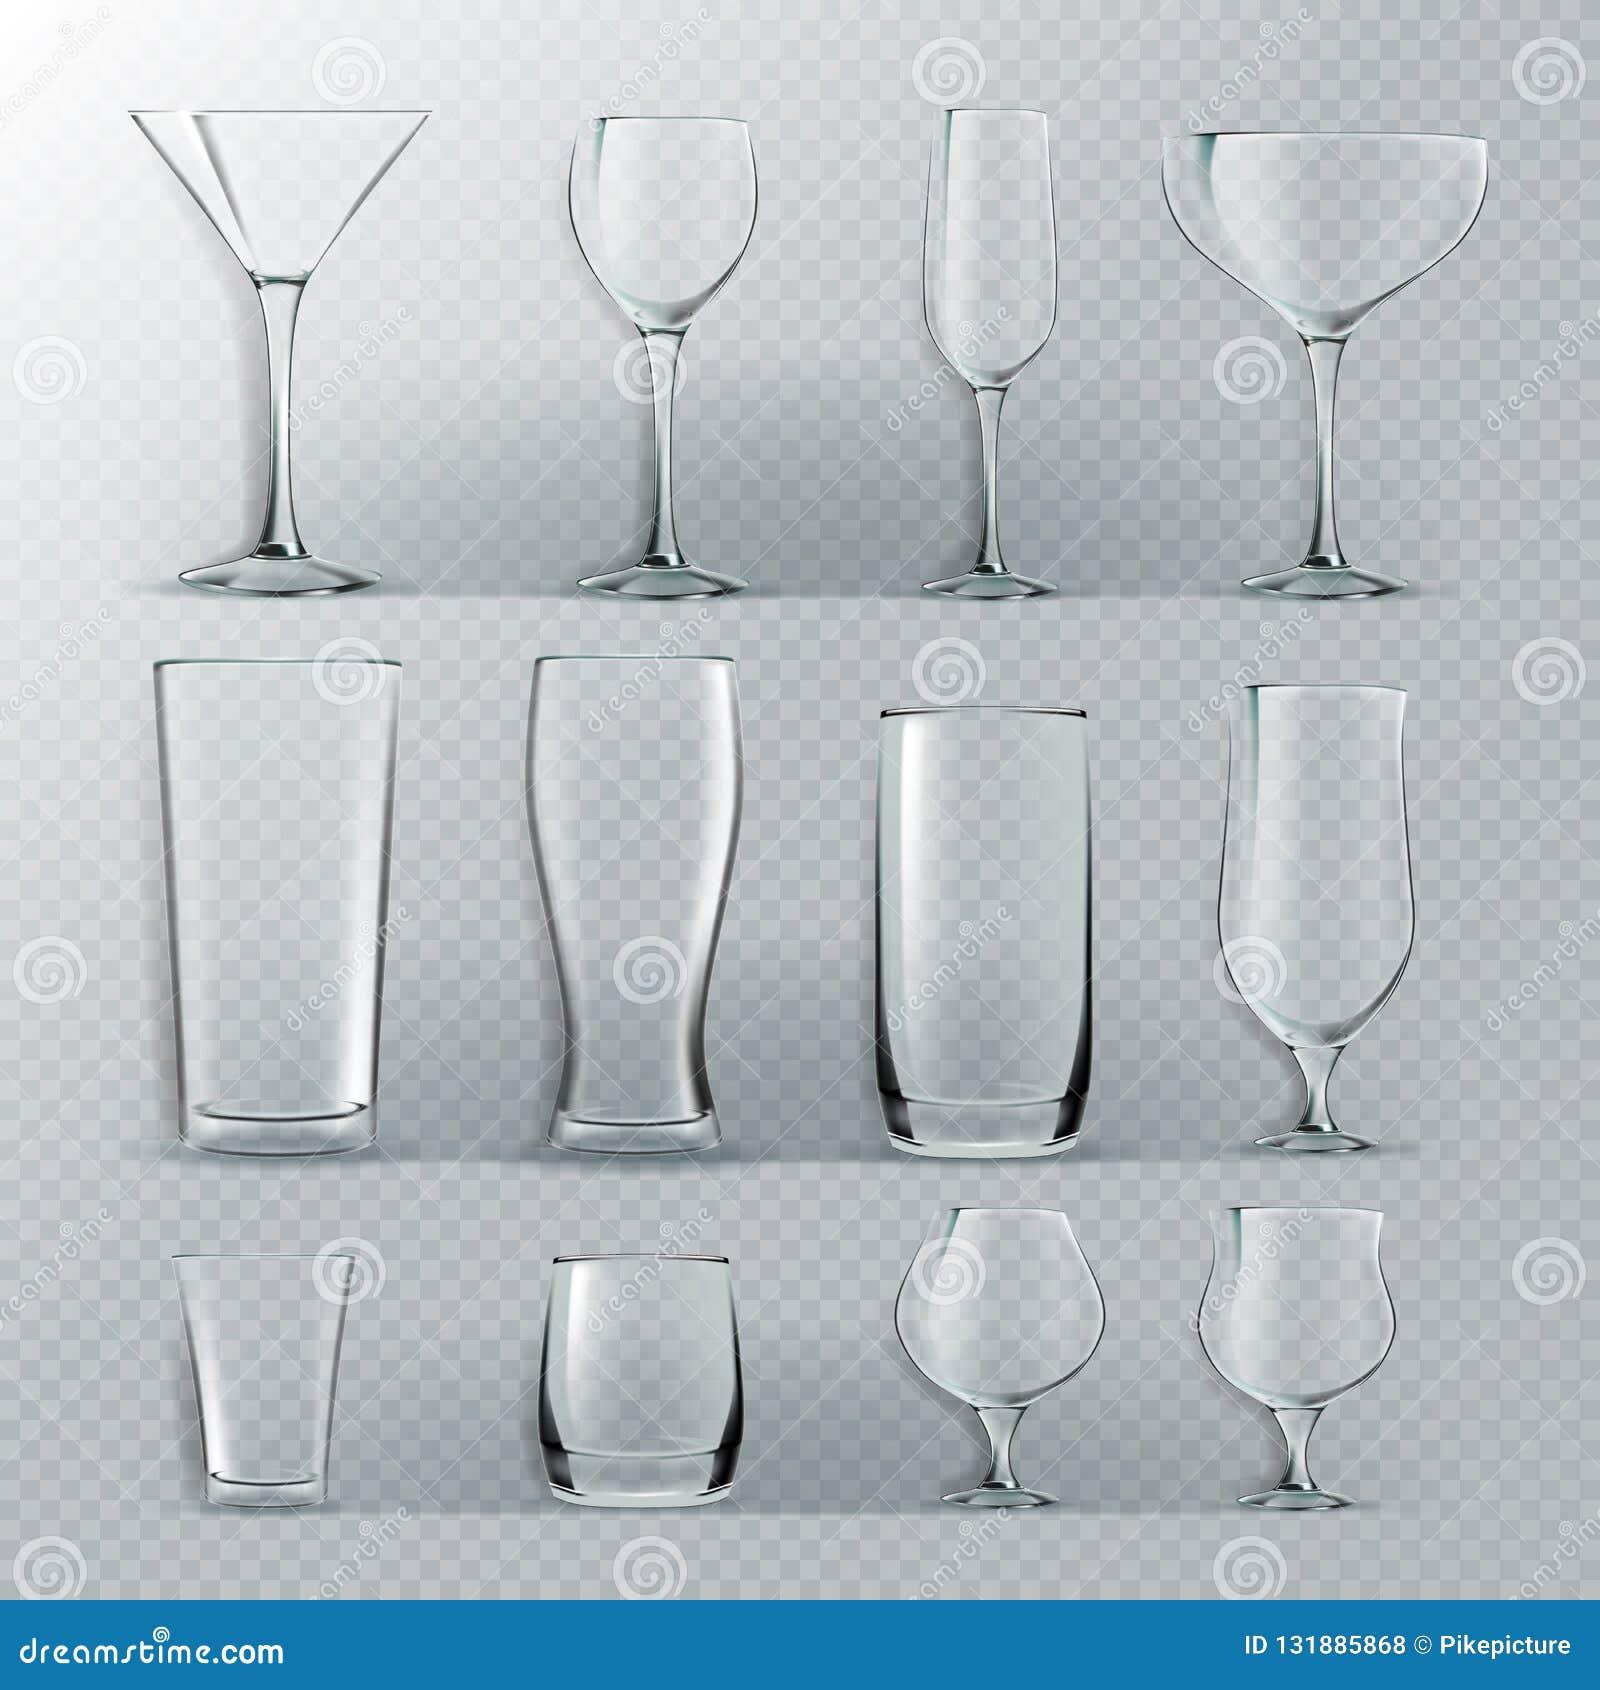 Διαφανές καθορισμένο διάνυσμα γυαλιού Διαφανή κενά Goblets γυαλιών για το νερό, οινόπνευμα, χυμός, ποτό κοκτέιλ ρεαλιστικός